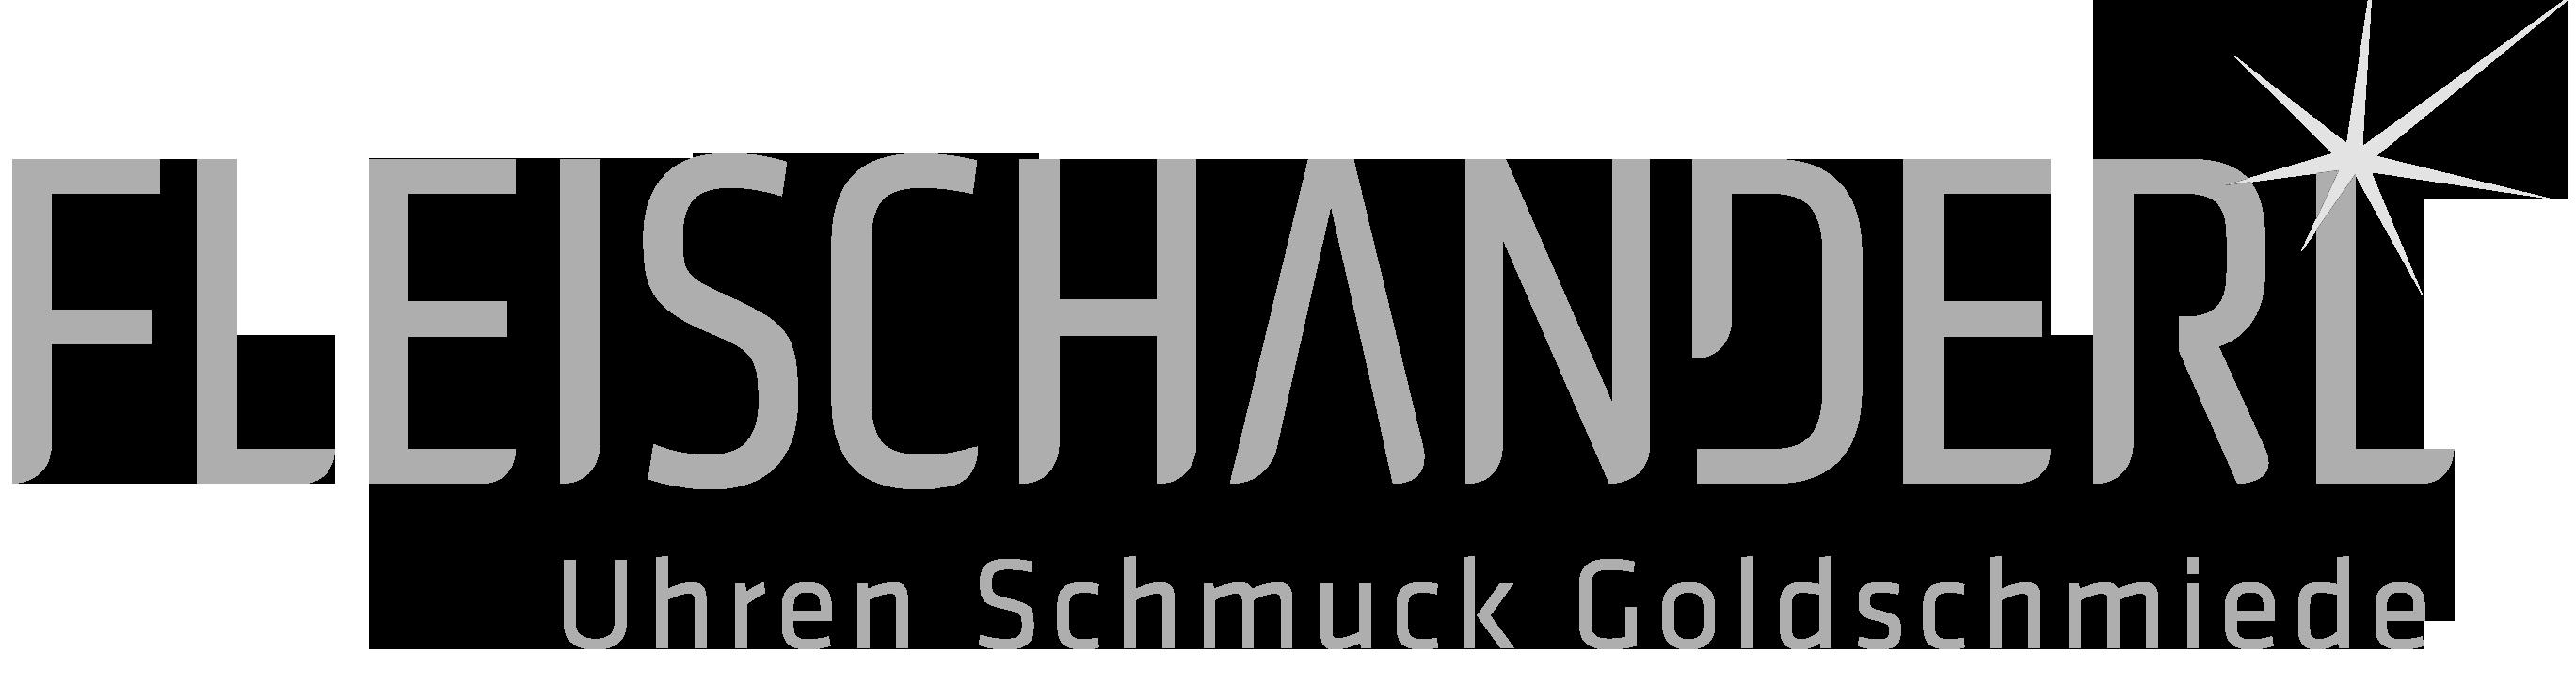 Fleischanderl | Uhren Schmuck Goldschmiede